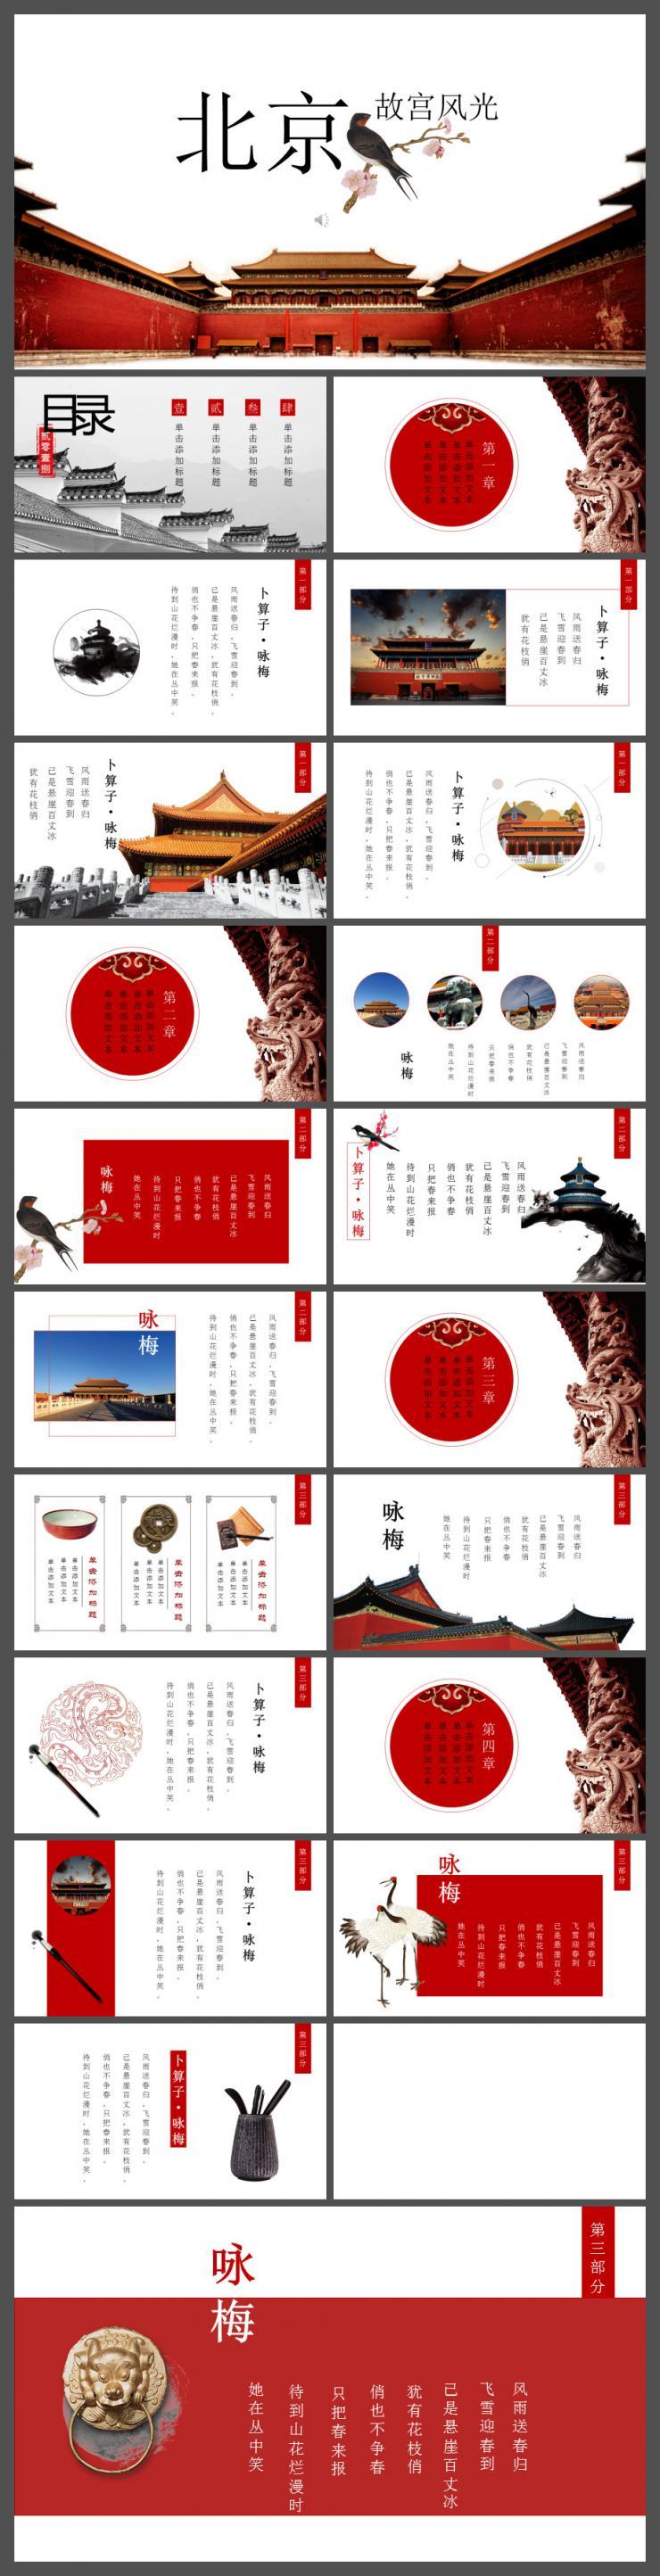 时尚个人北京故宫旅行相册PPT模板